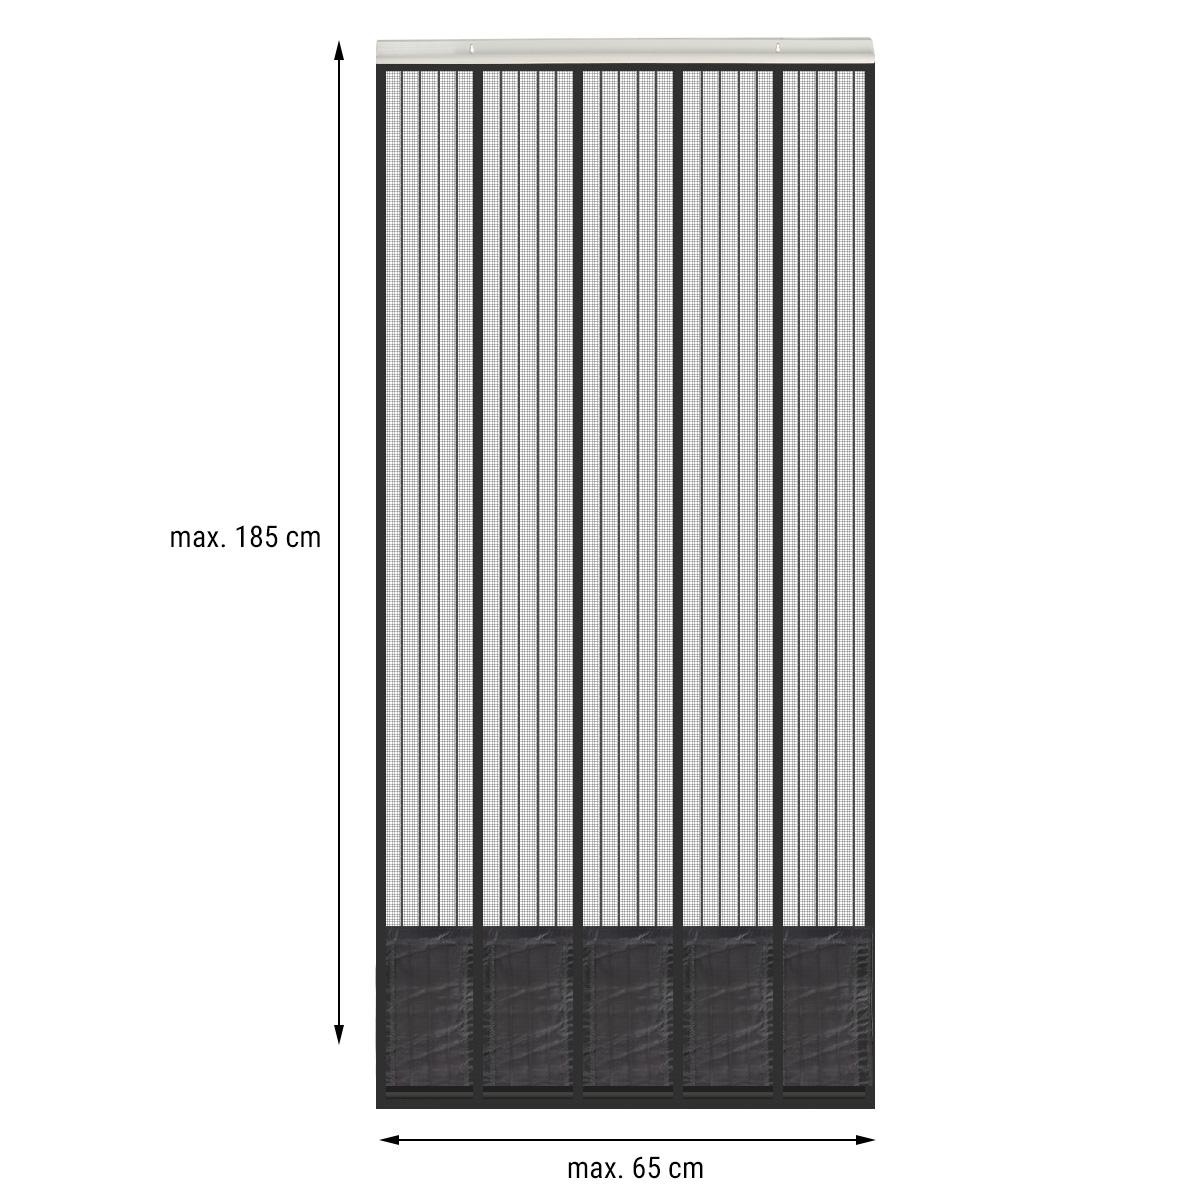 Sehr Insektenschutz Tür mit Kederleiste 185x65cm Breite und Länge SM62